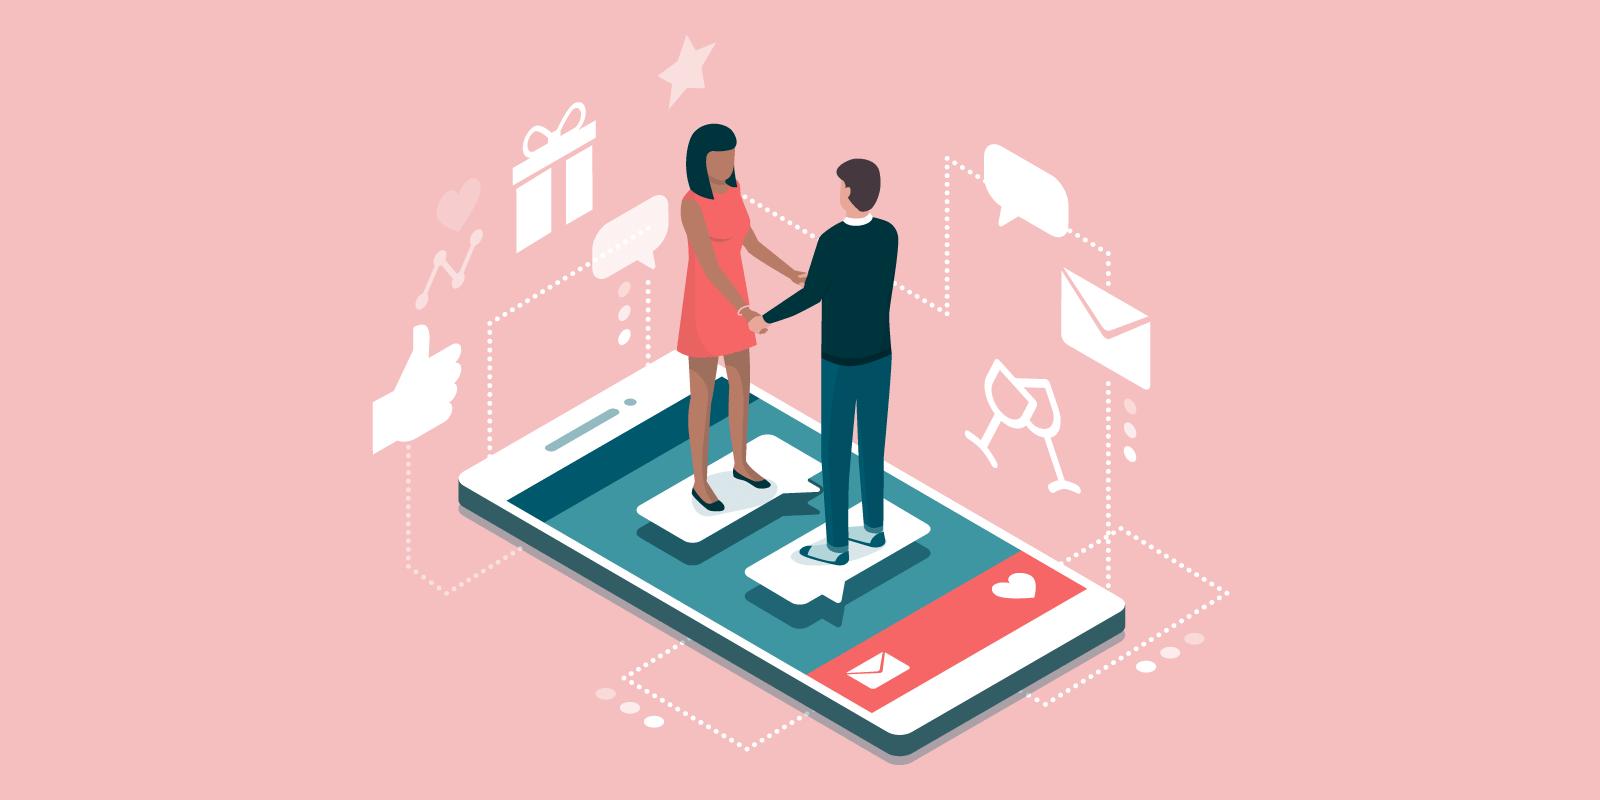 5 Best VPNs for Tinder in 2021. 2